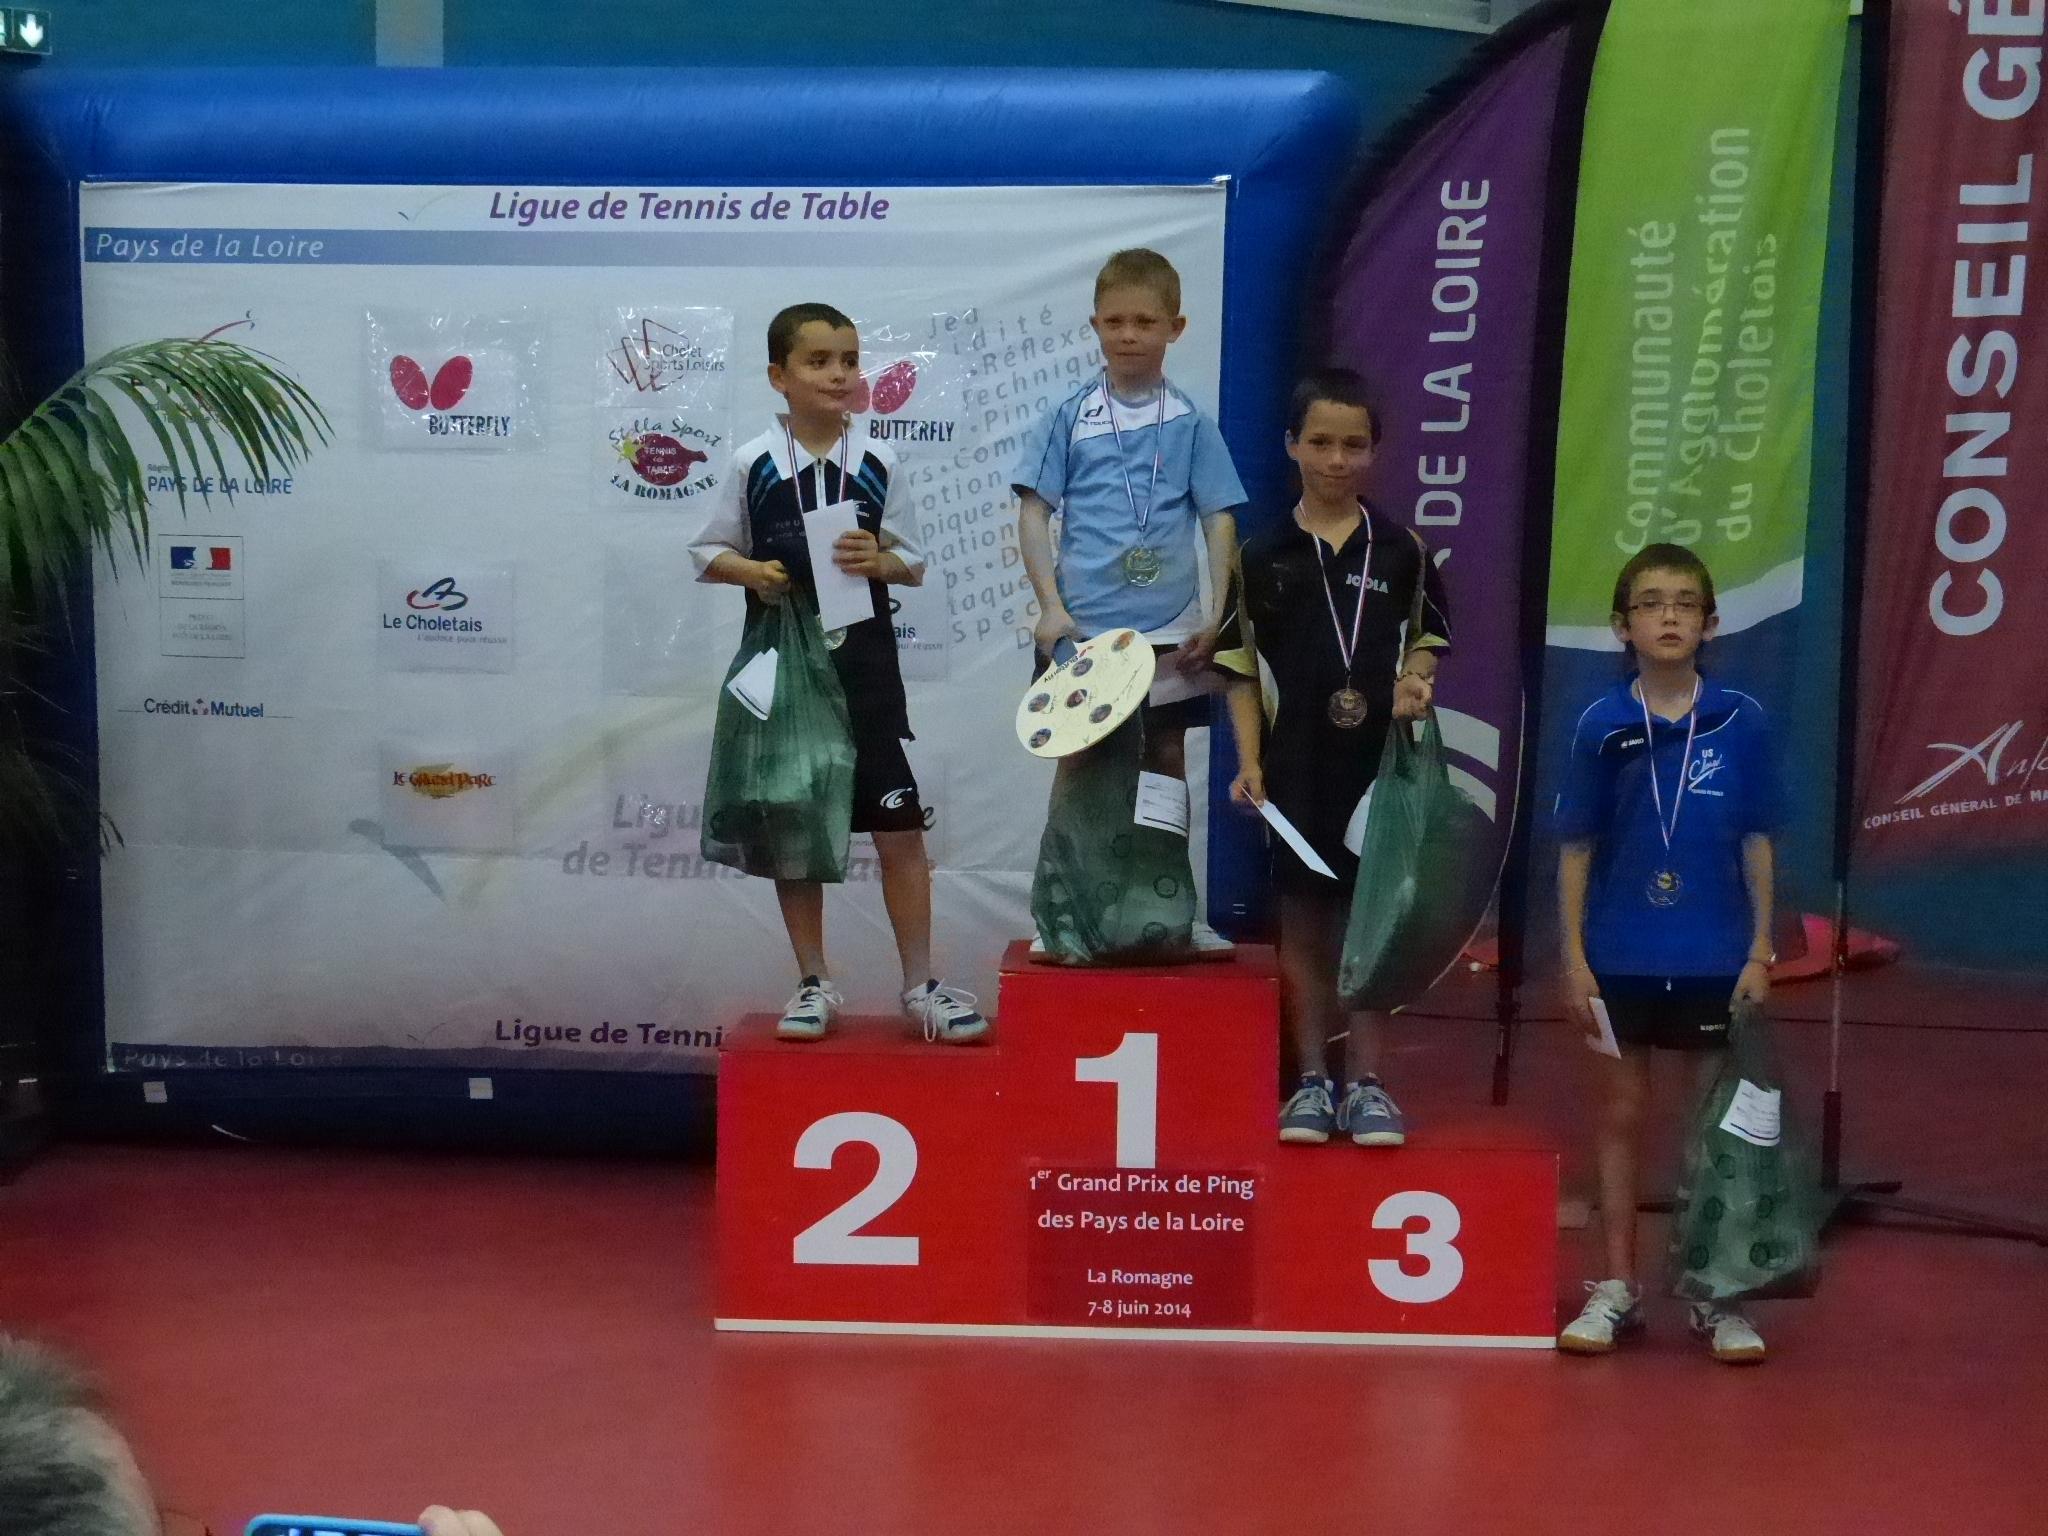 Poussins tennis de table ligue des pays de la loire - Ligue des pays de la loire tennis de table ...